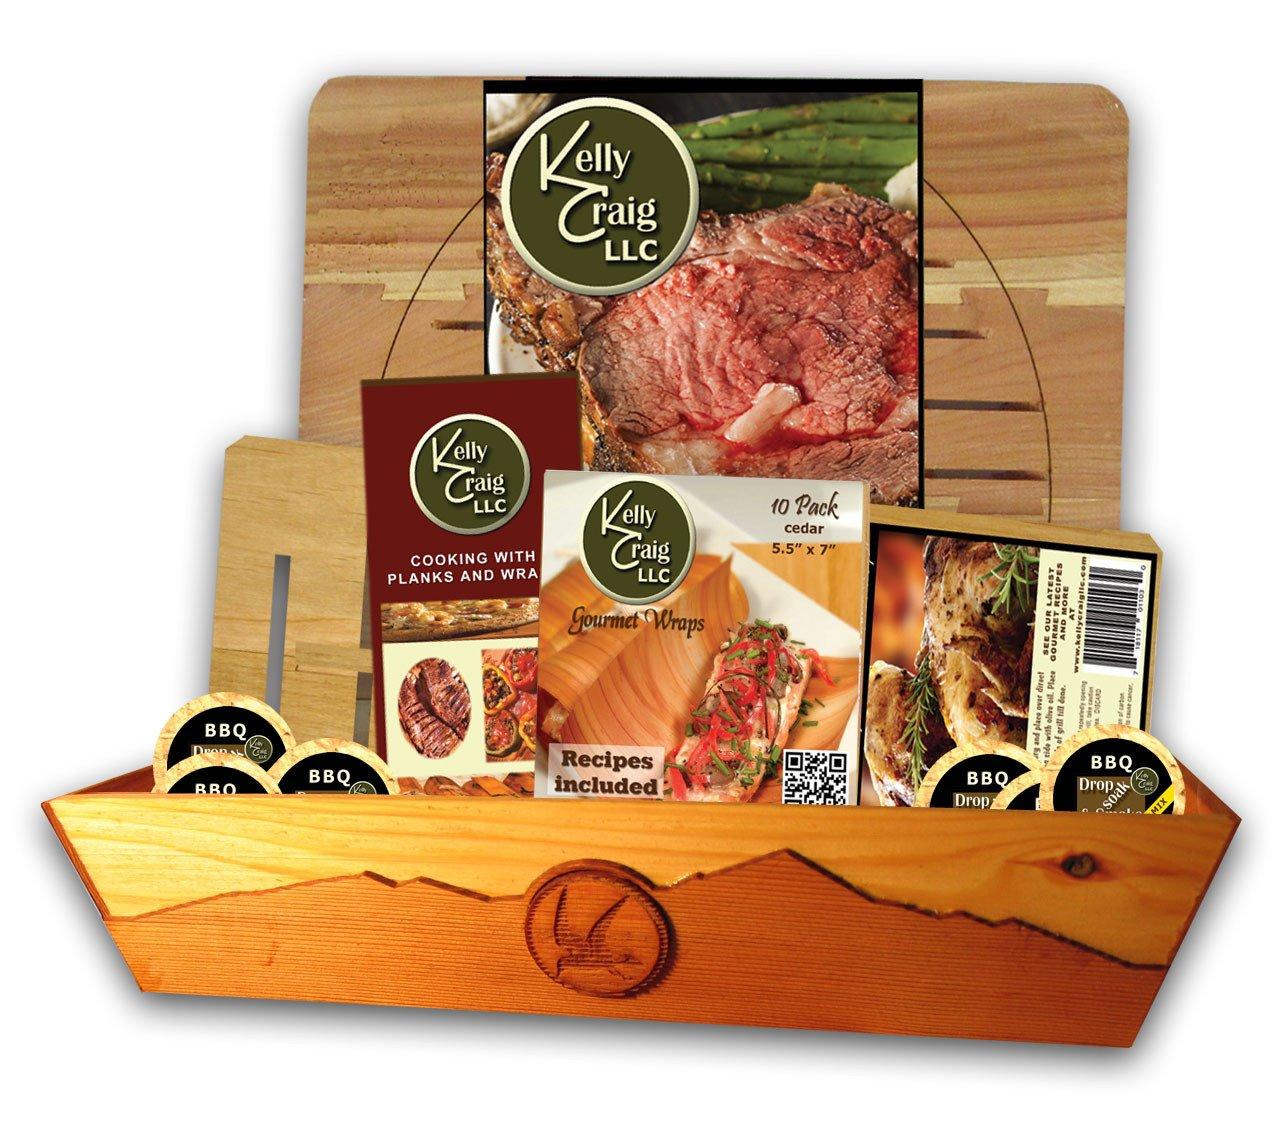 Kelly Craig KC-12-001 BBQ Griller Set with Cedar Tray